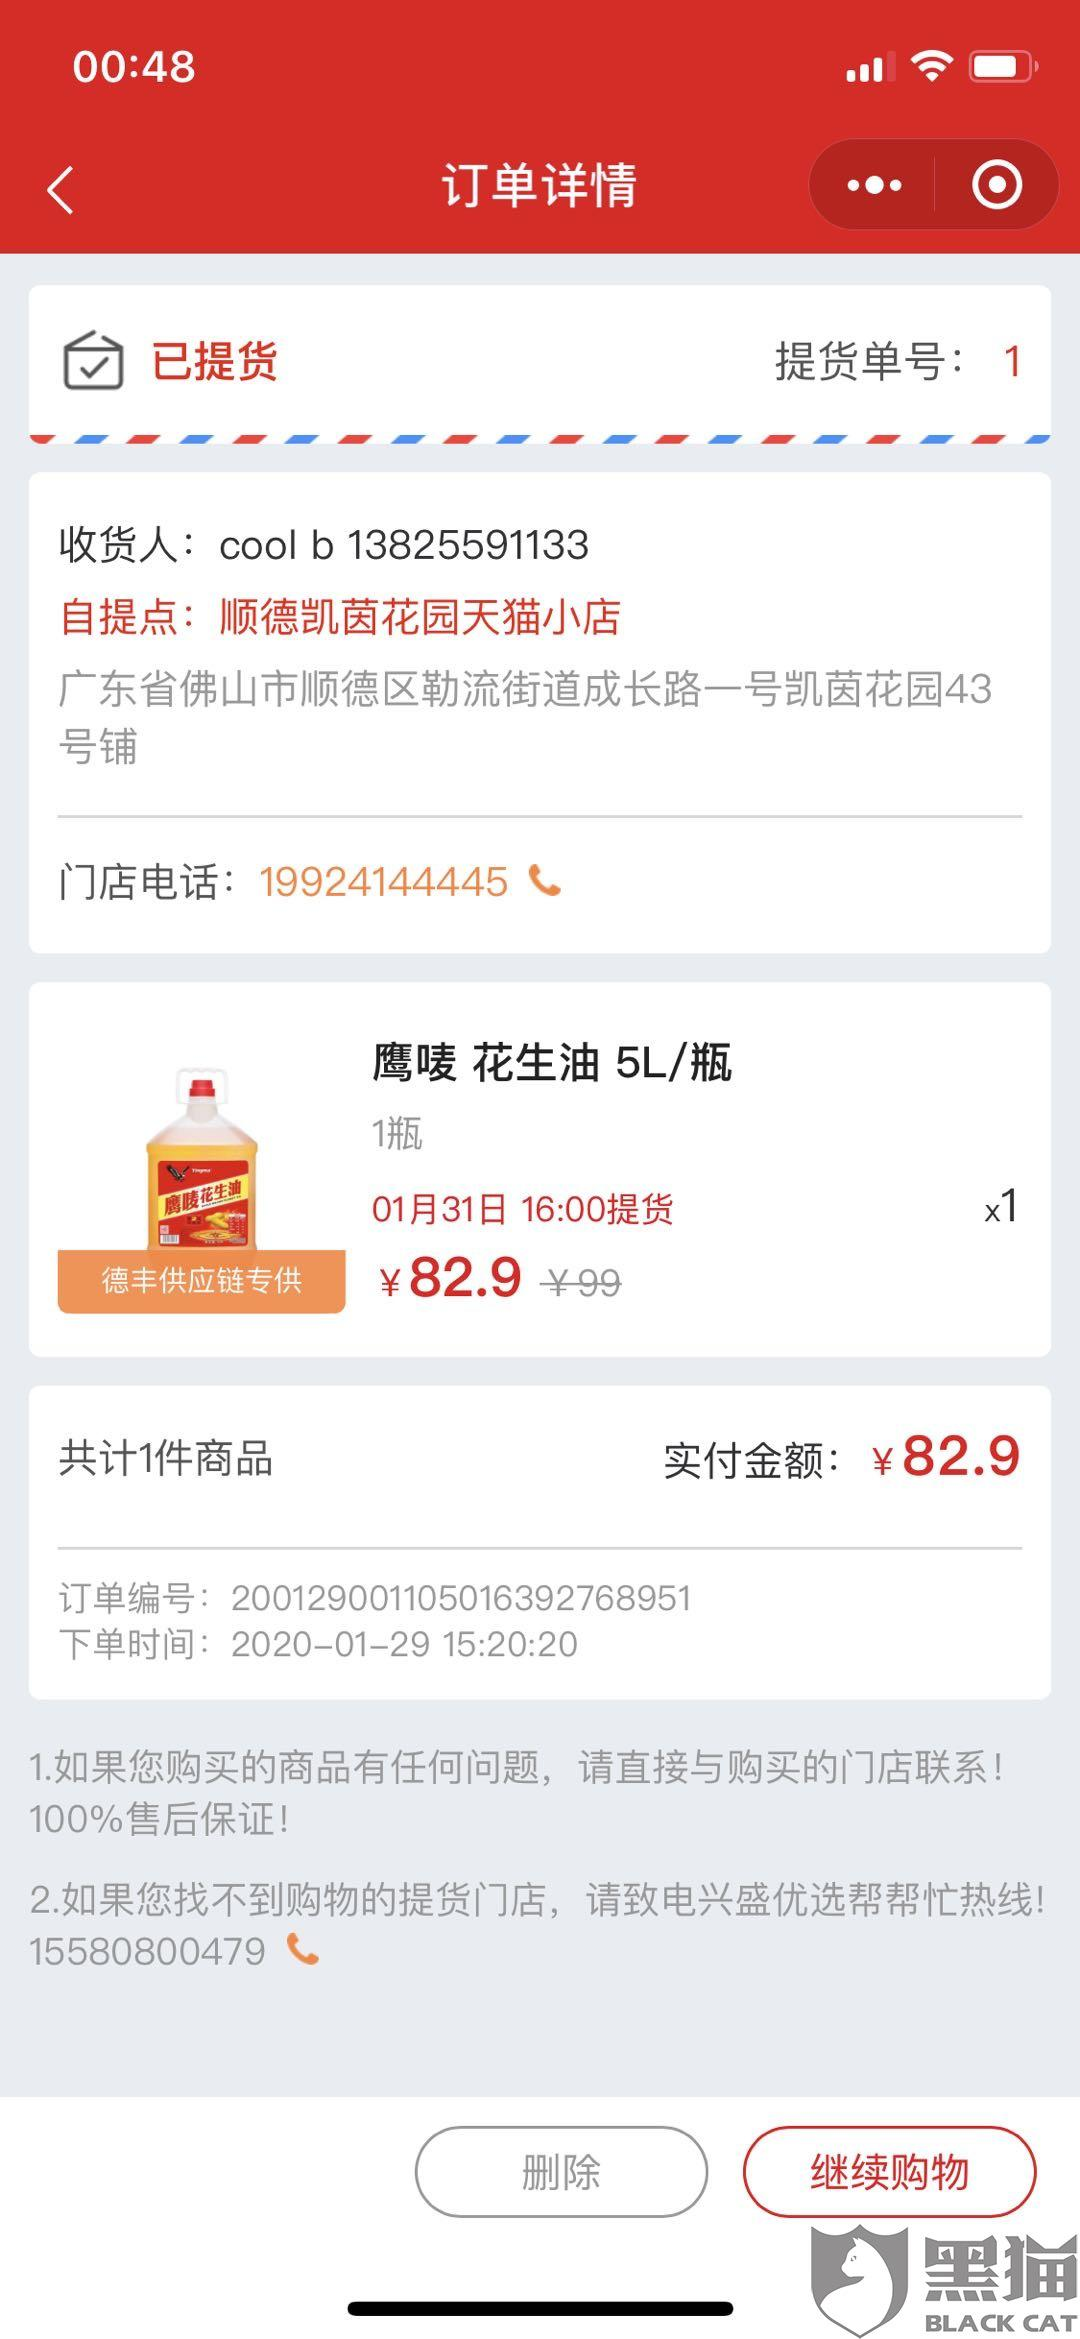 黑猫投诉:商品未送达实体店,并没有自提货品,app却显示已提货